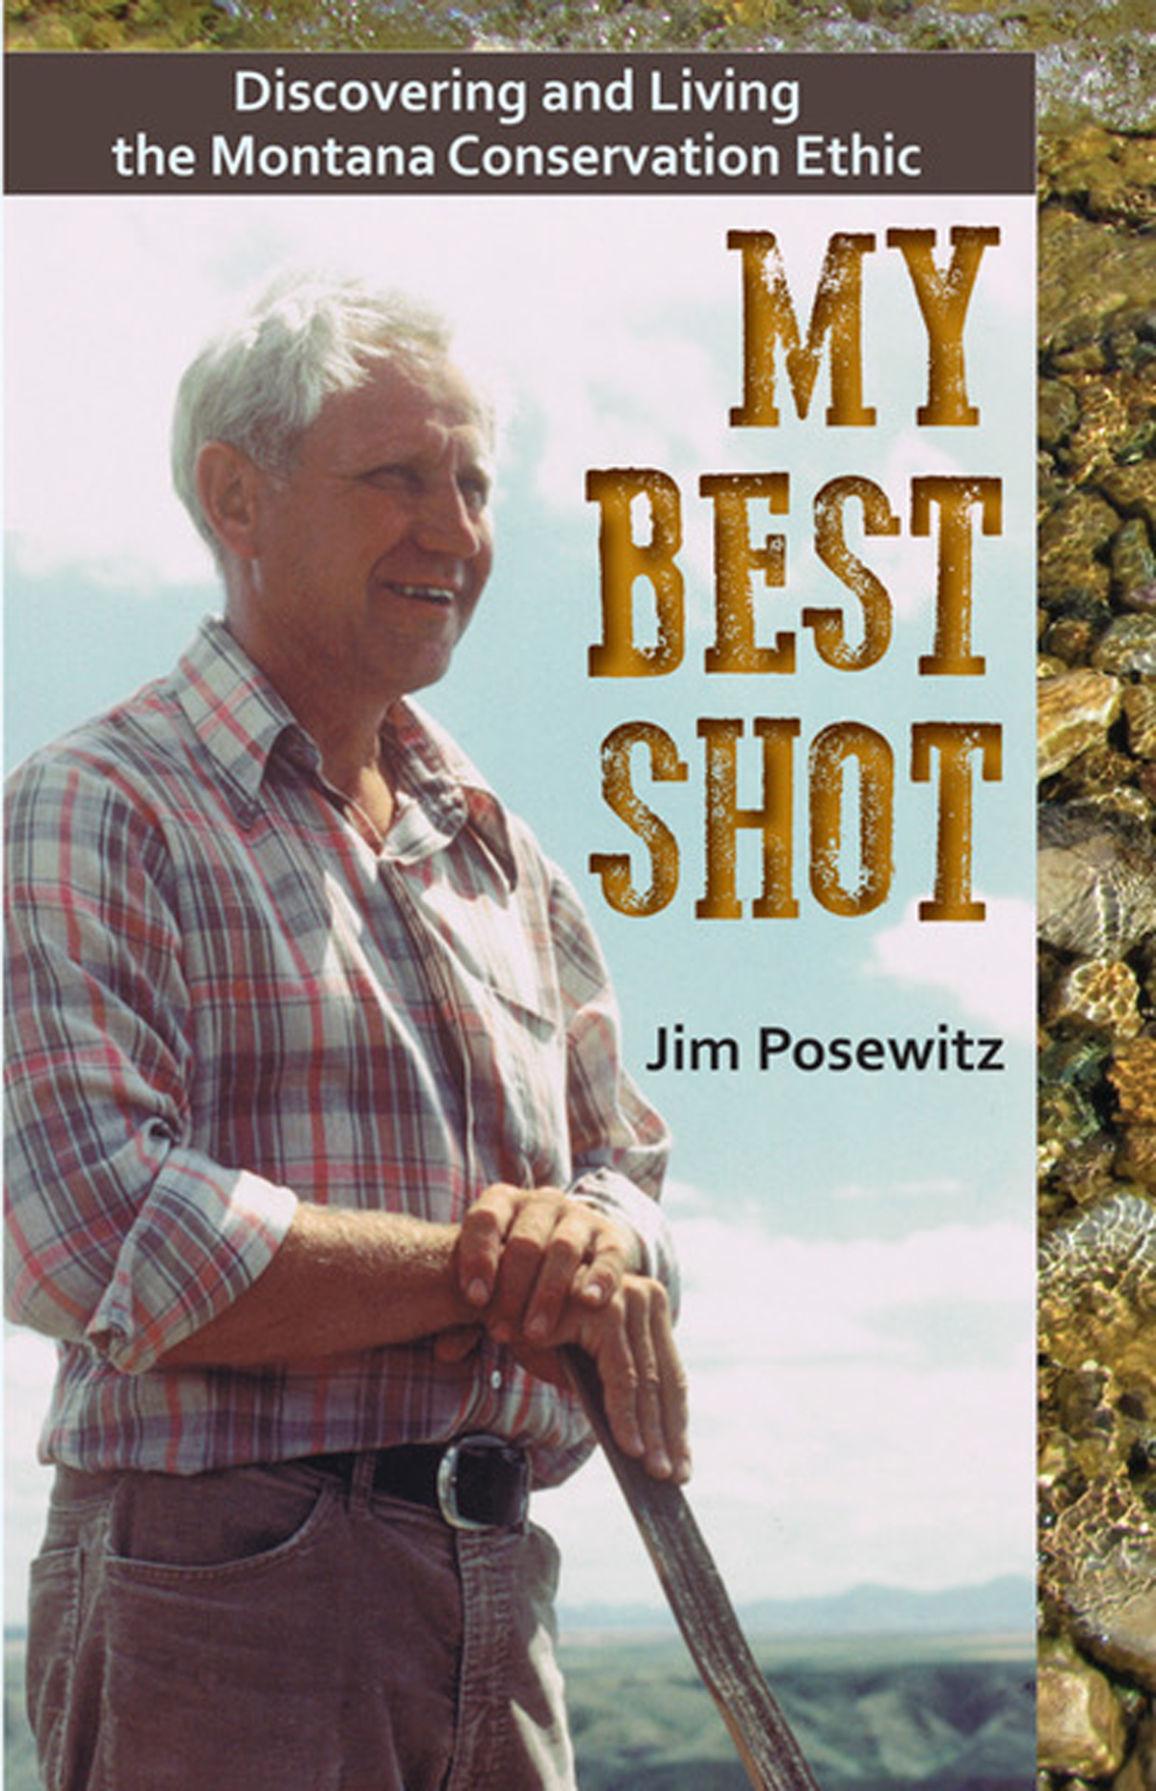 Jim Posewitz book